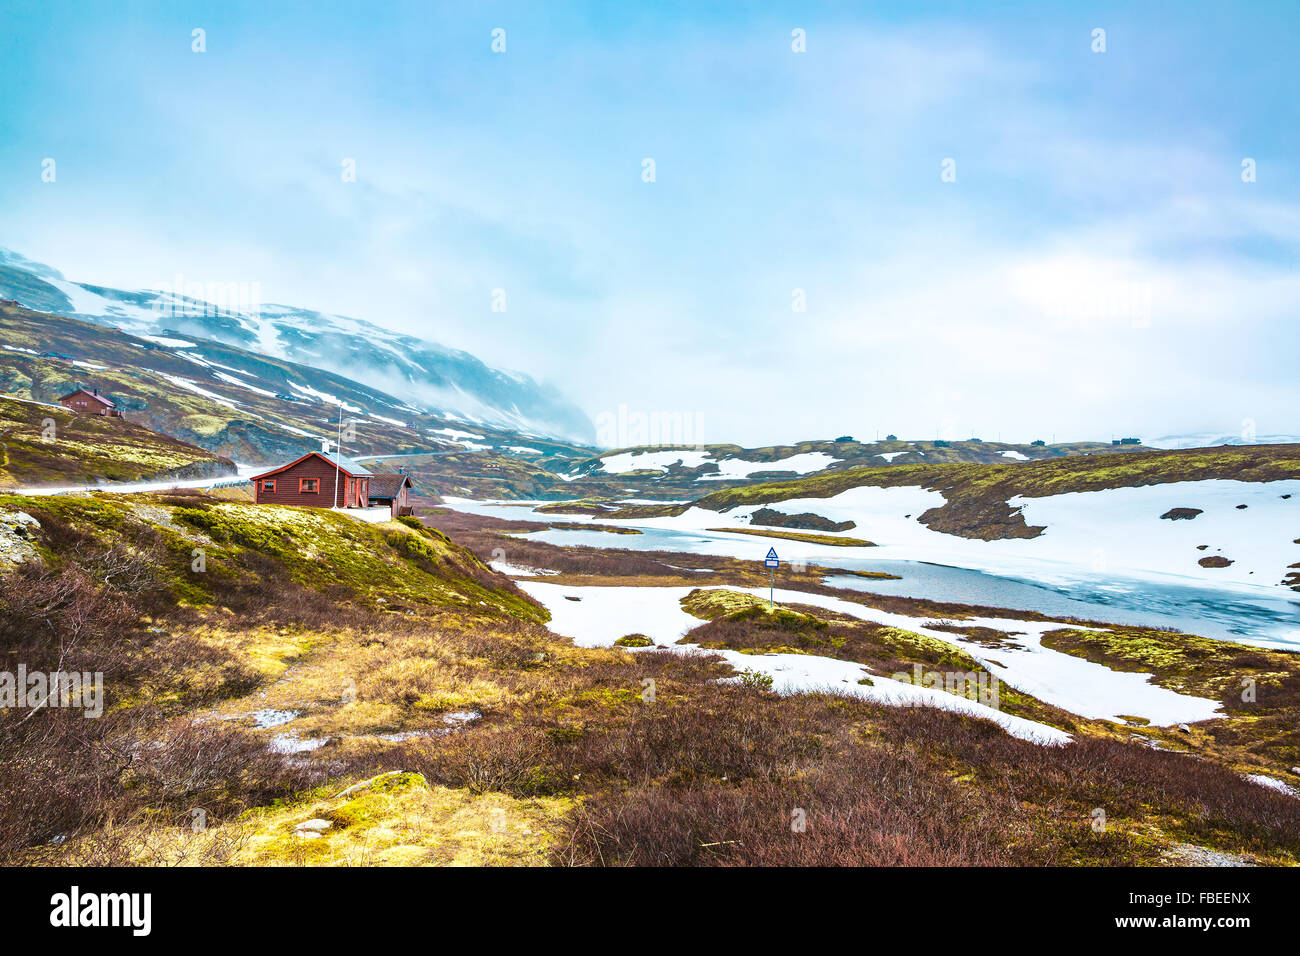 La Norvège paysage, un petit village de mauvais temps tempête de neige et de brouillard dans les montagnes. Photo Stock